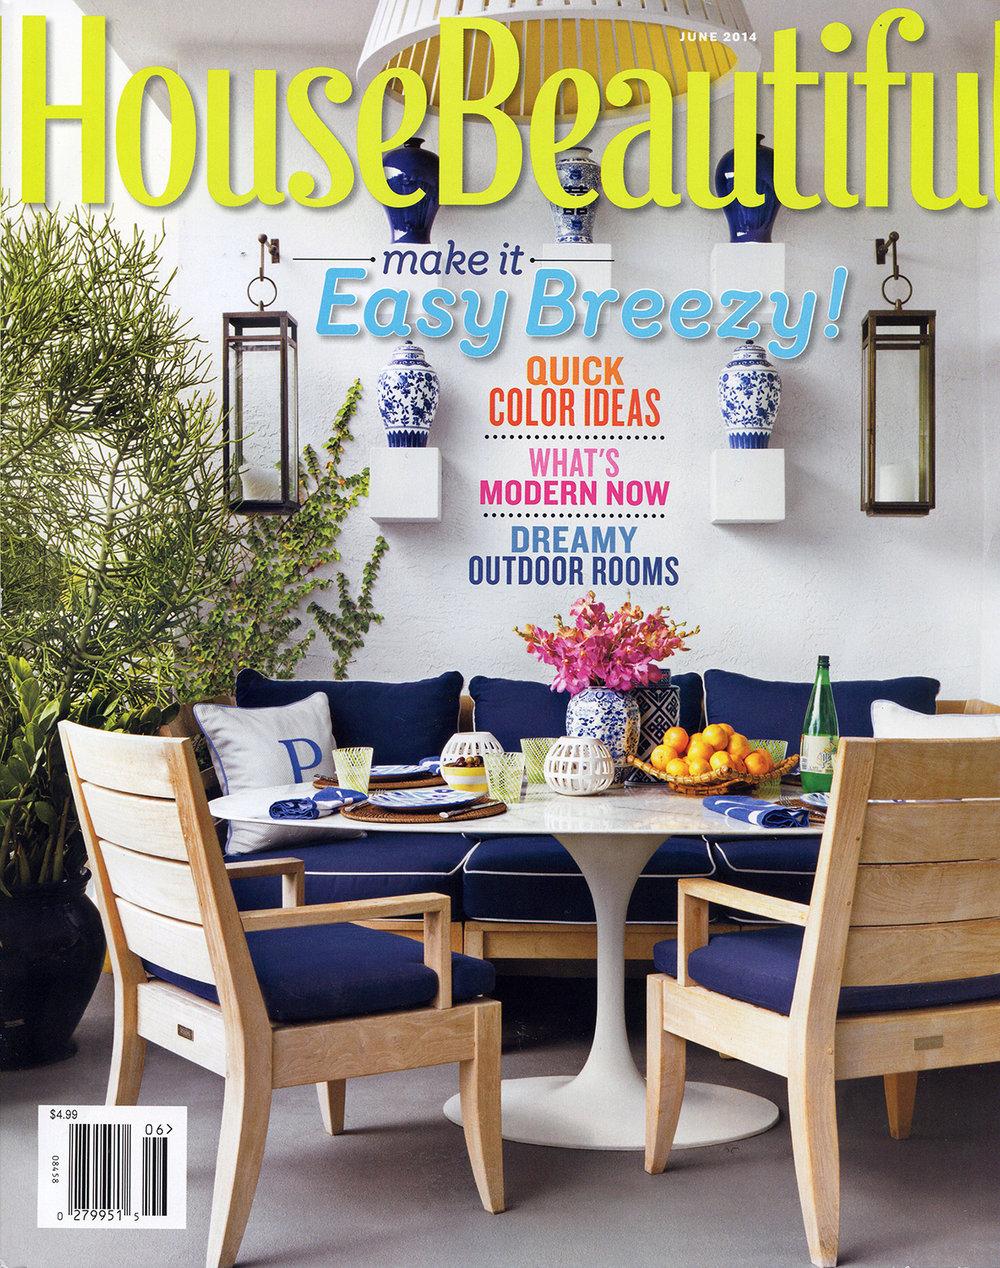 HouseBeautiful_June2014_cover.jpg